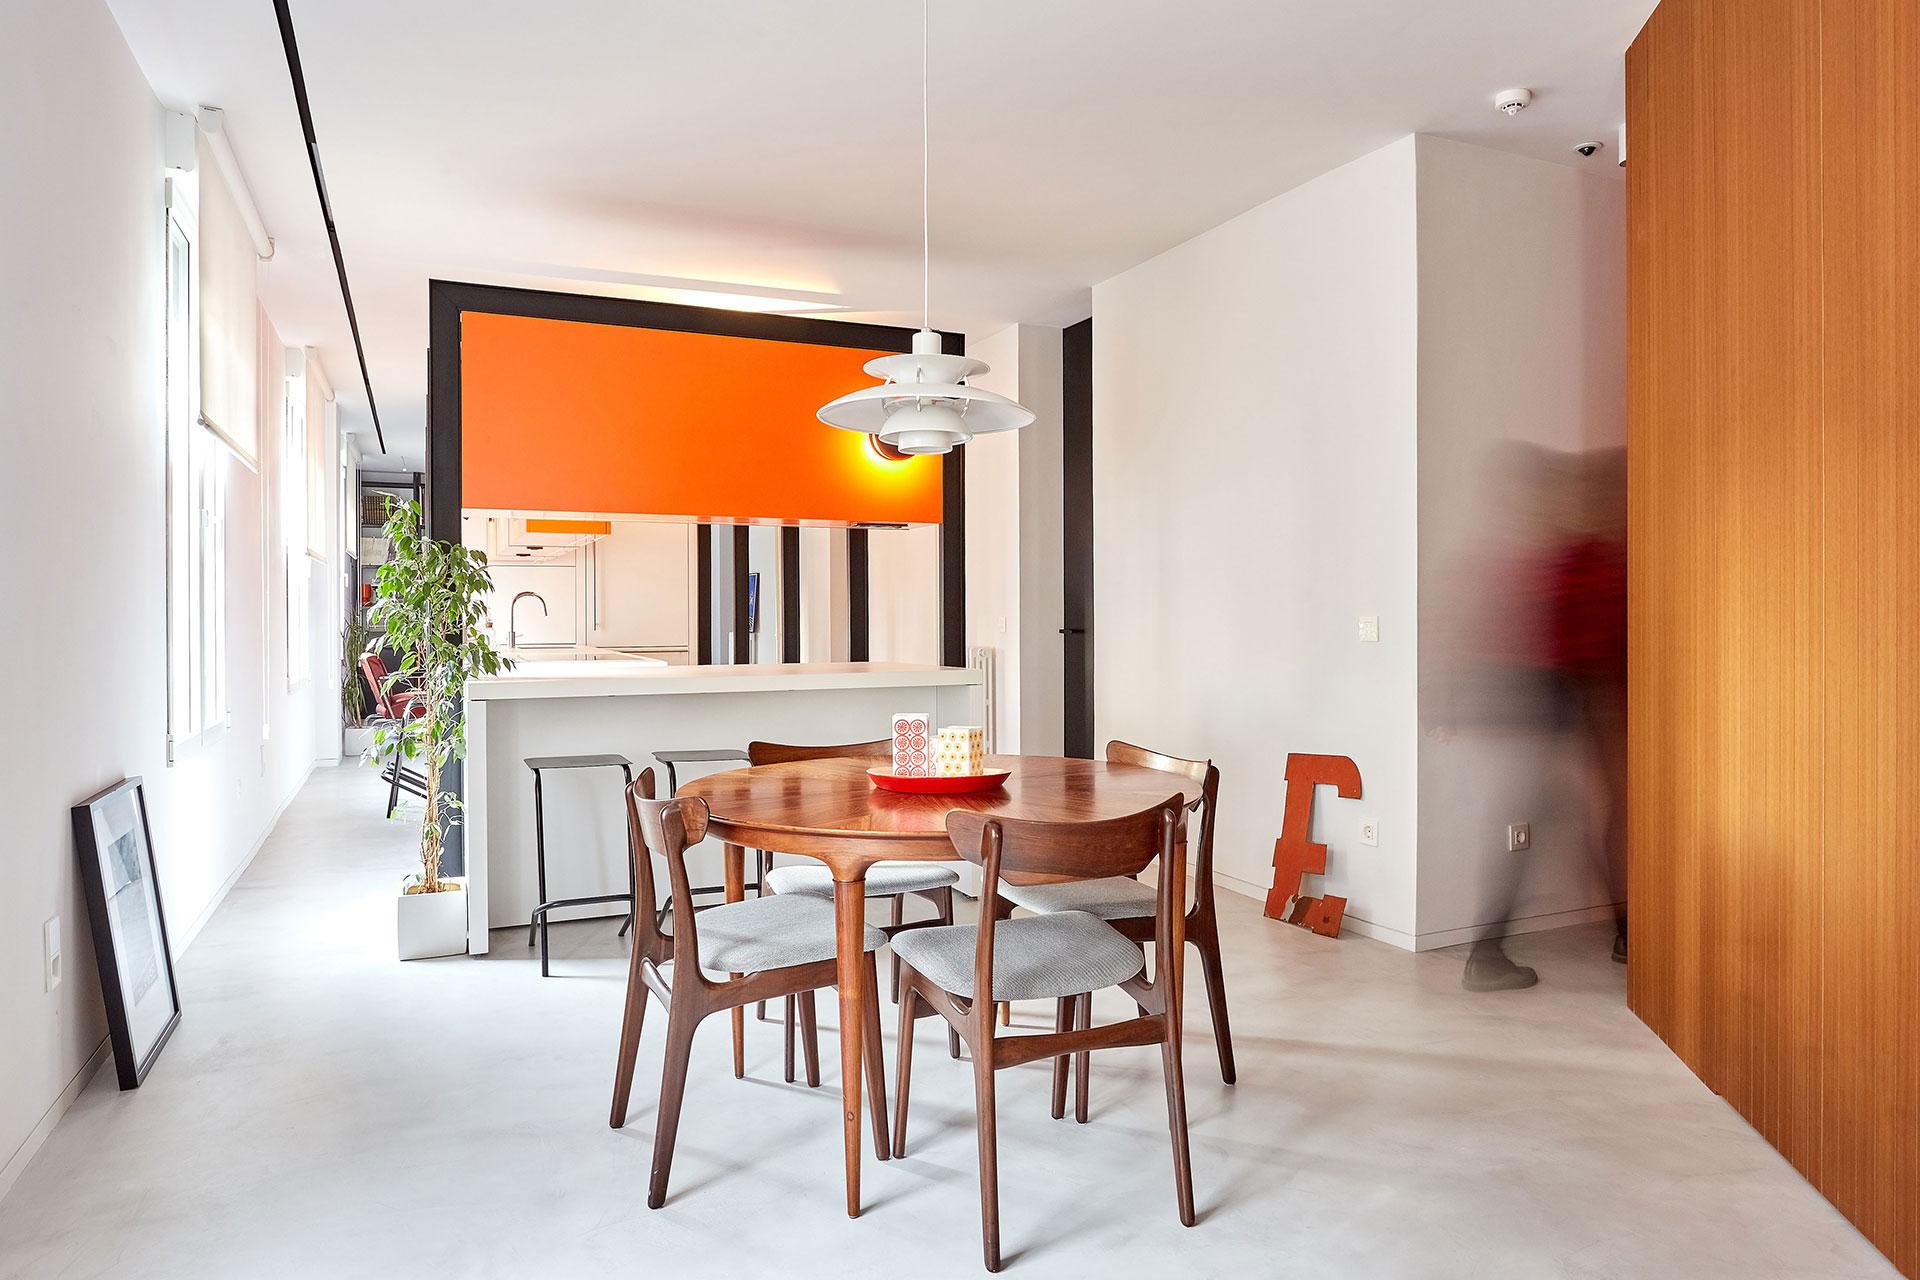 Progetti esclusivi e su misura con top cucina sapienstone floornature - Top cucina su misura ...